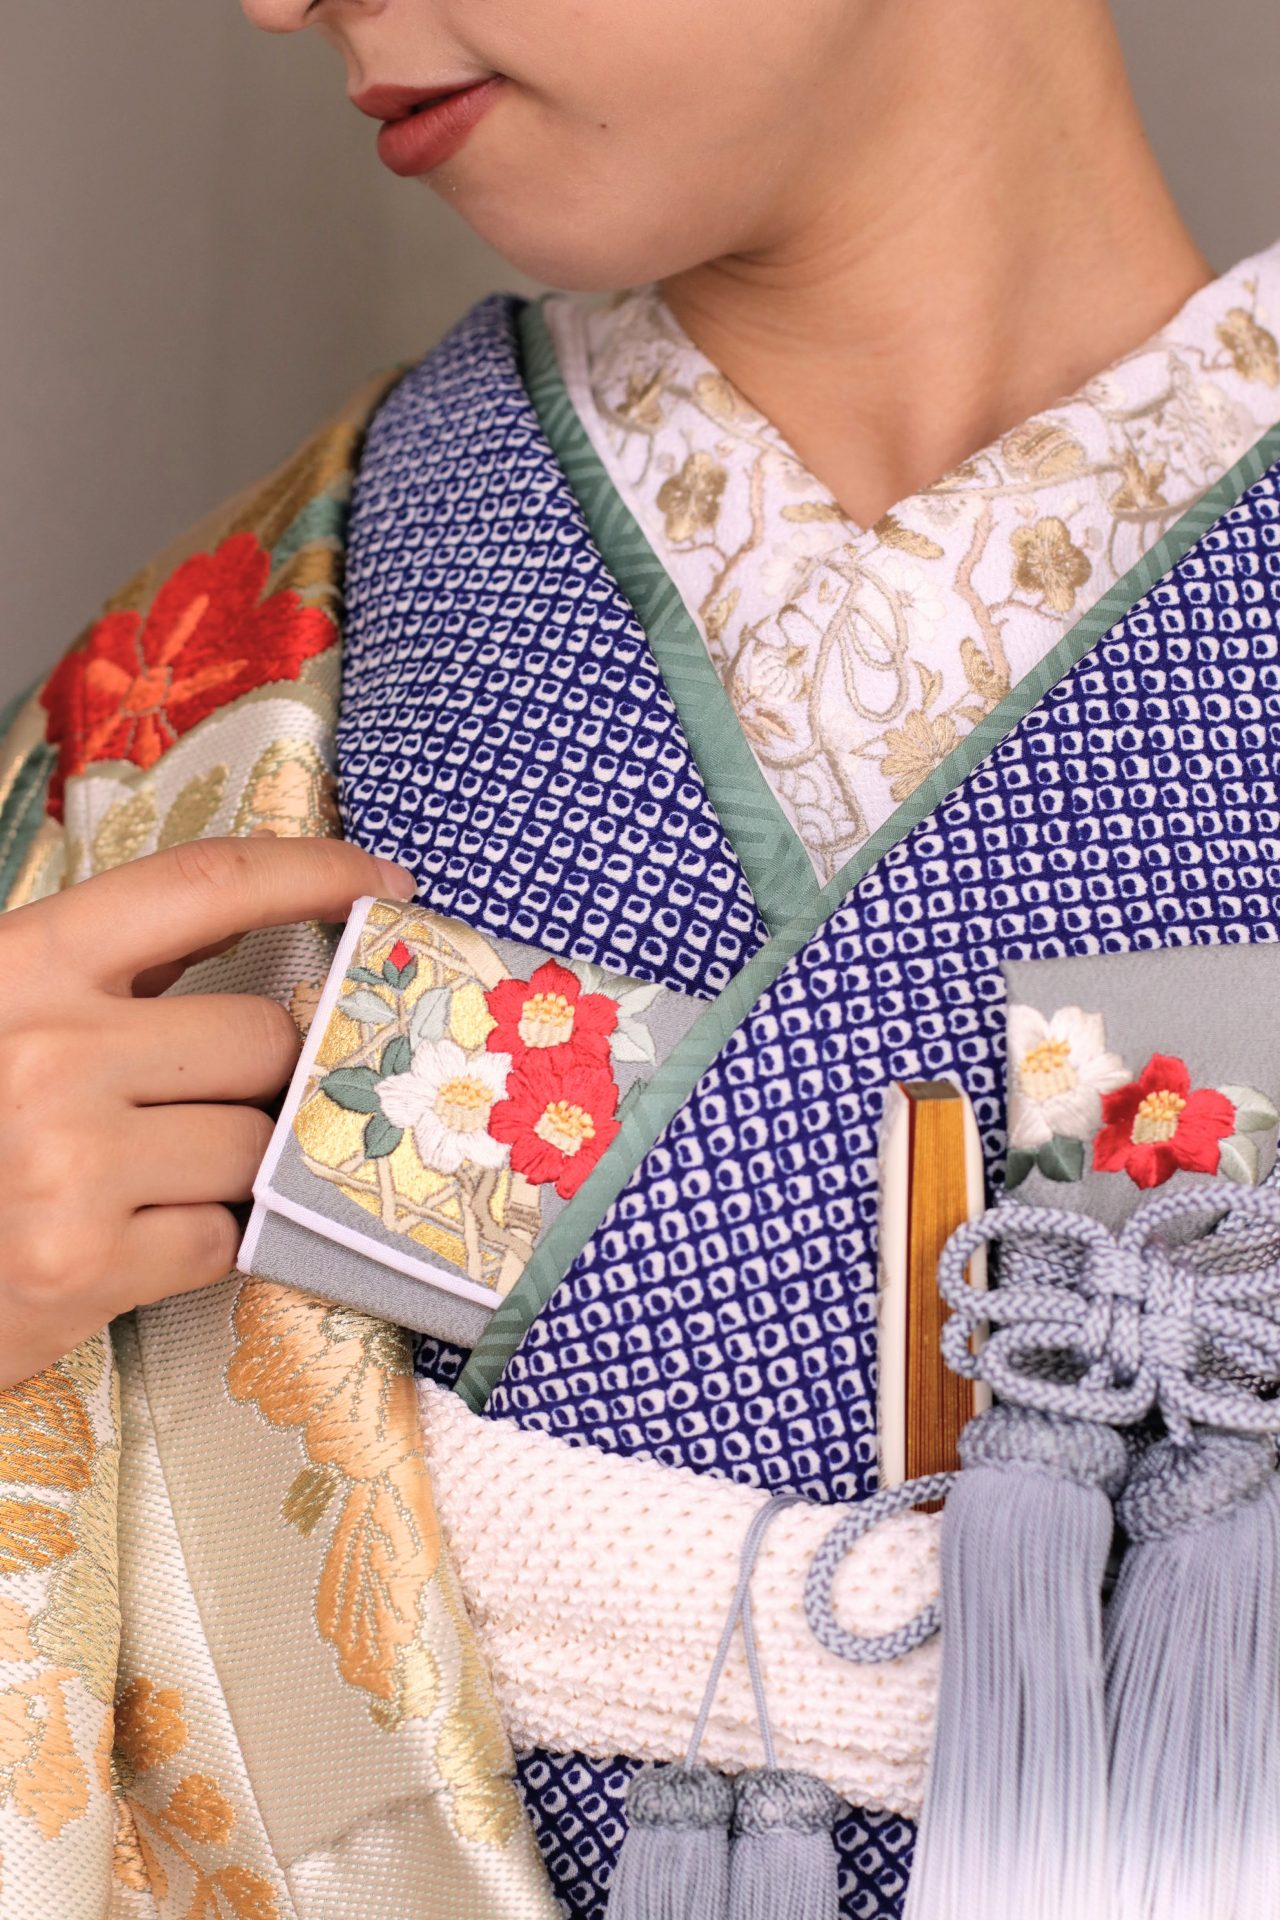 表参道のドレスショップ ザ・トリート・ドレッシングが取り扱う最新の色打掛に、緑の重ね襟や金色の刺繍の半衿、灰色の筥迫・懐剣・末広を合わせたモダンなコーディネートをご紹介しています